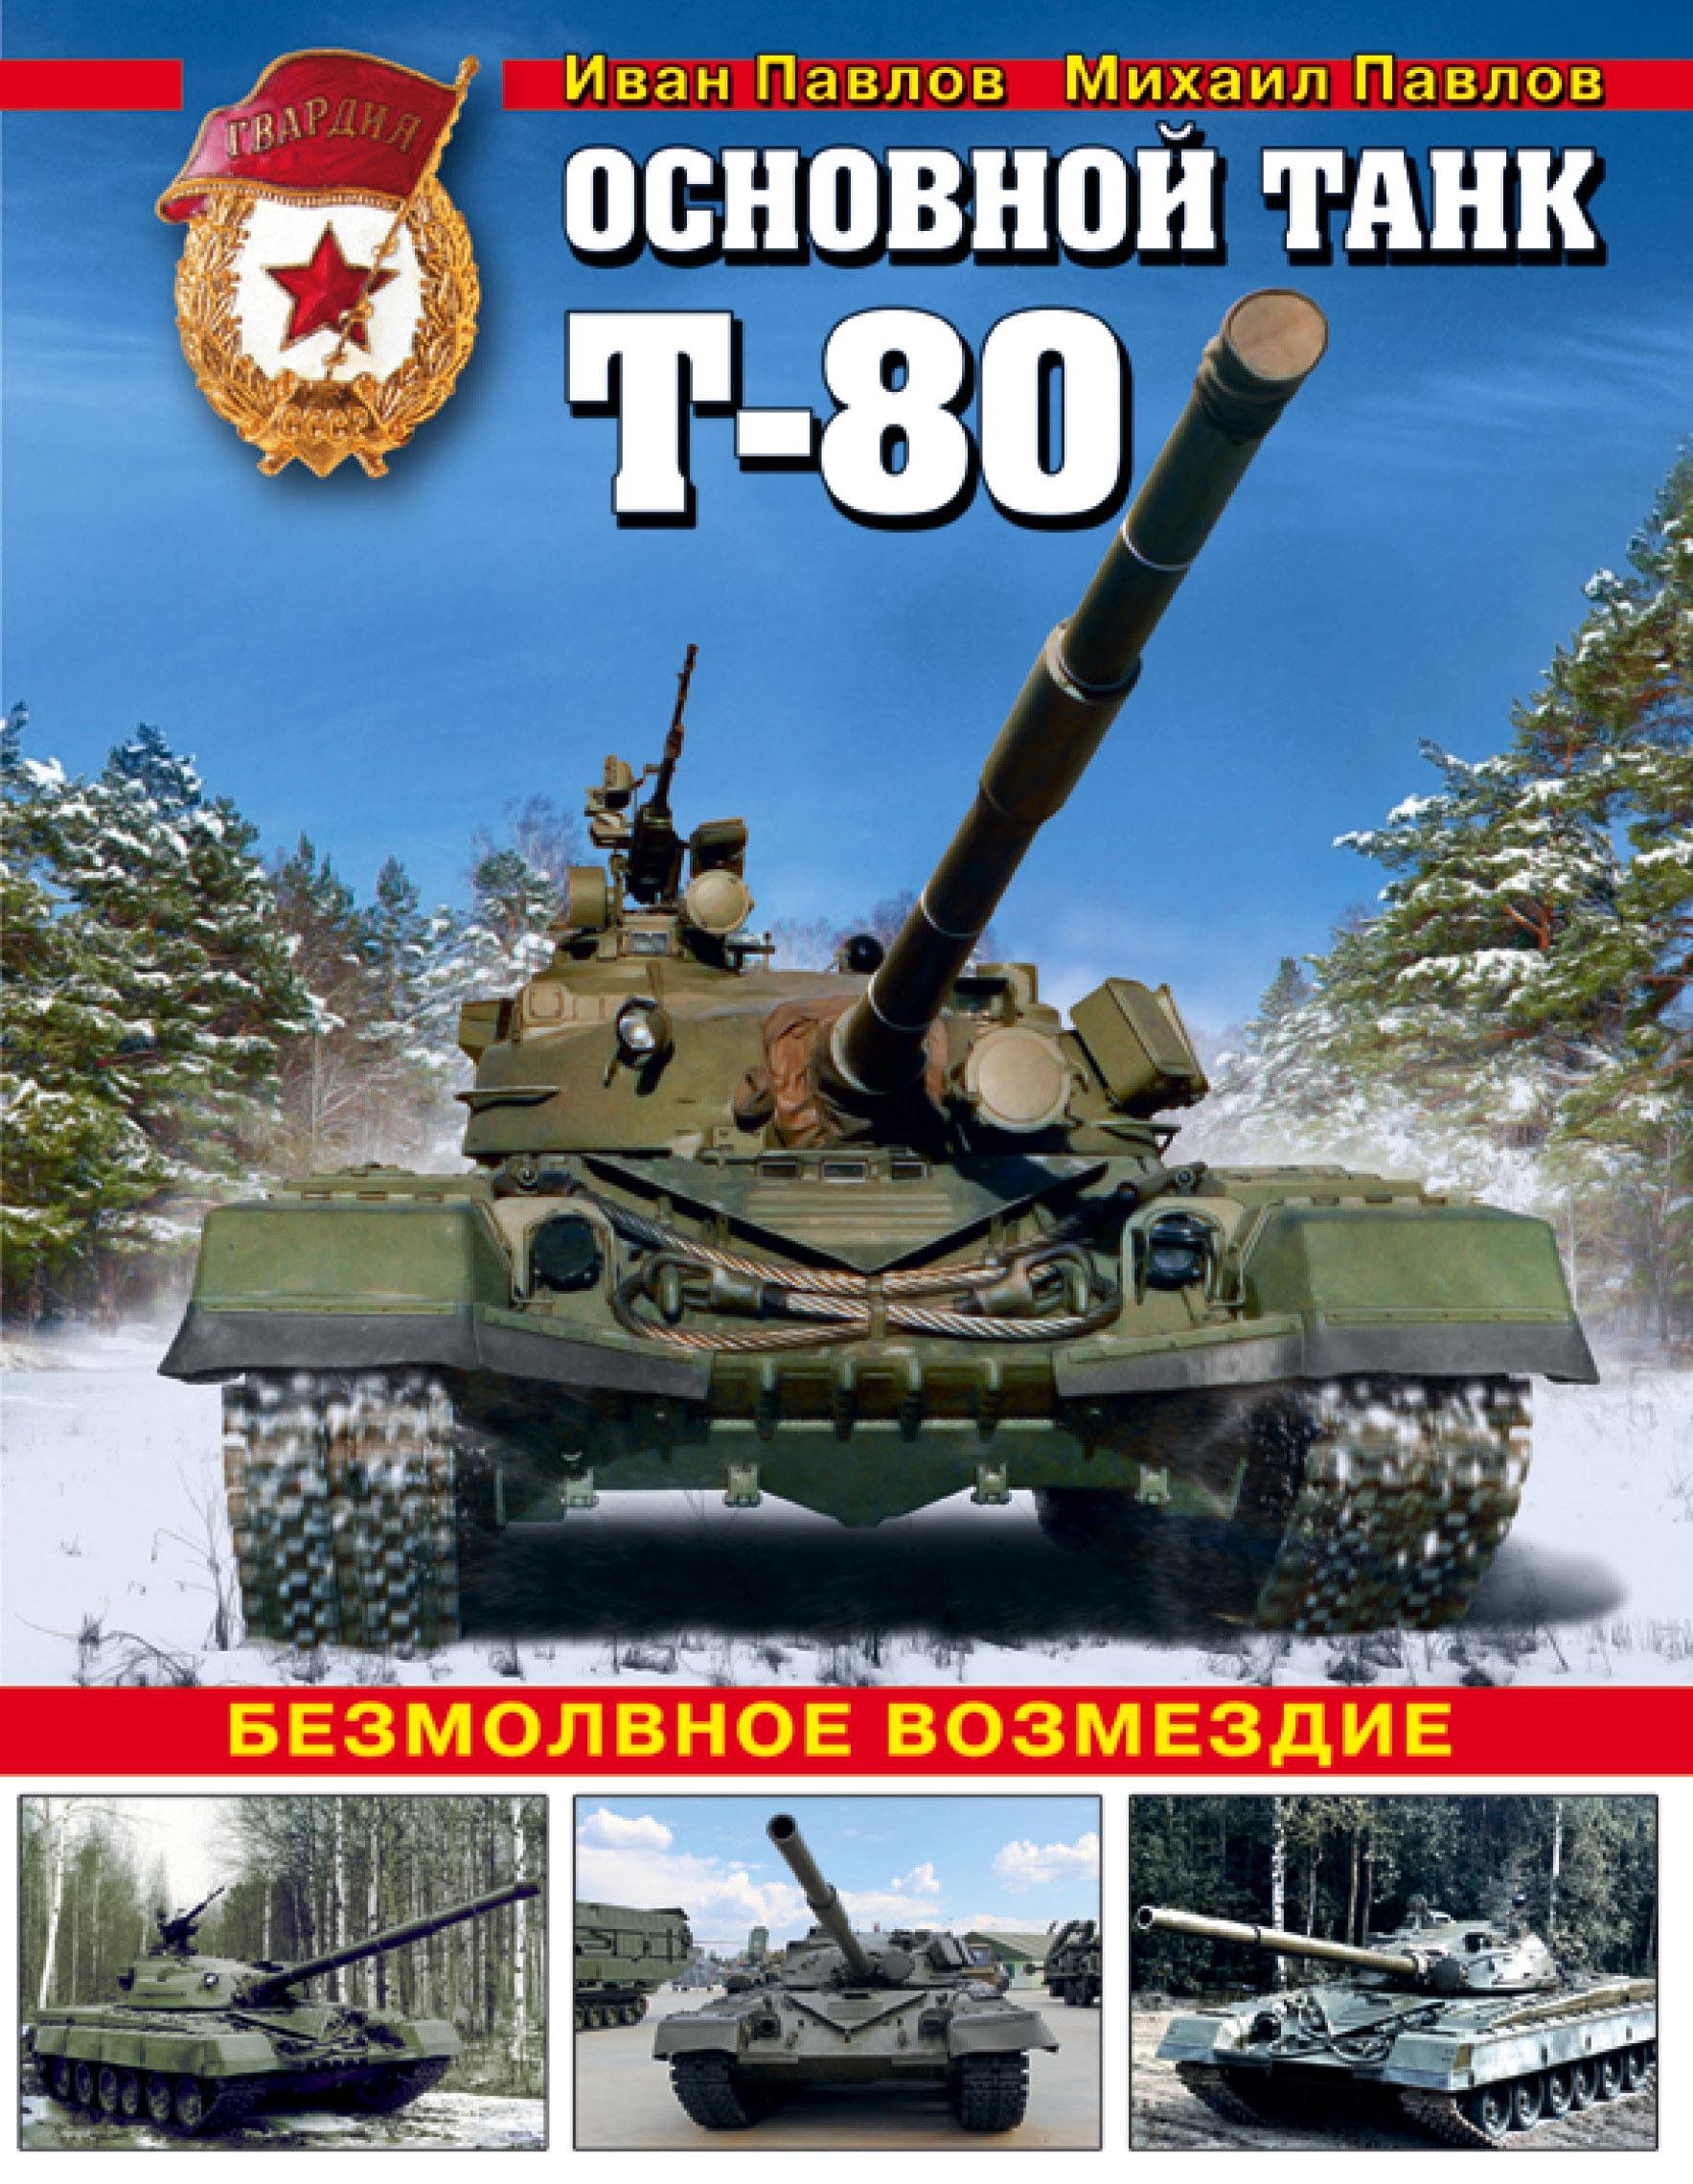 ПАВЛОВ И.В., ПАВЛОВ М.В. Основной танк Т-80. Безмолвное возмездие